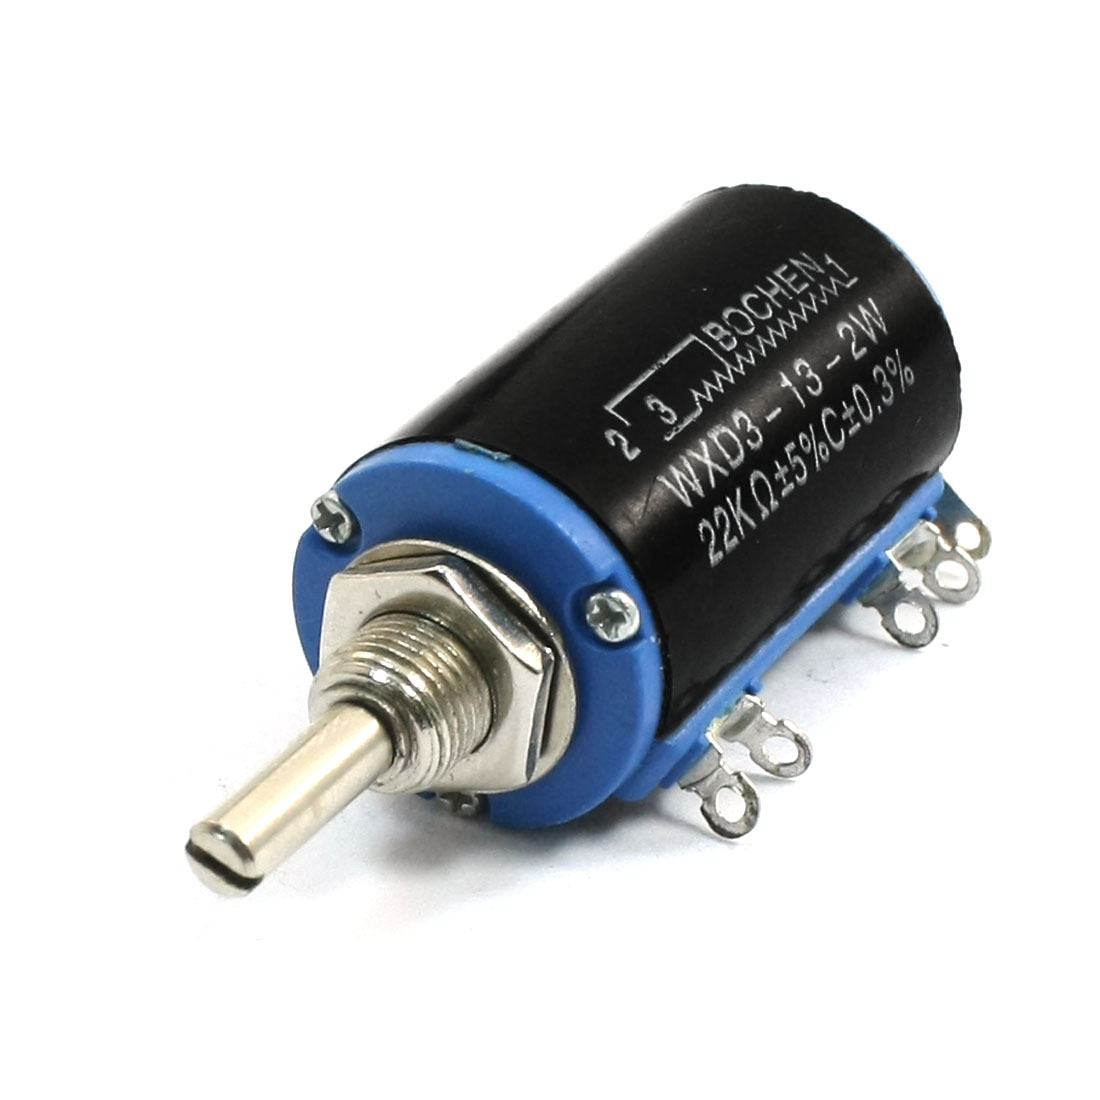 Wxd3–13 22 K Ohm 4 mm Tige Fil blessure contr le du volume Pot potentiomètre - image 1 de 1